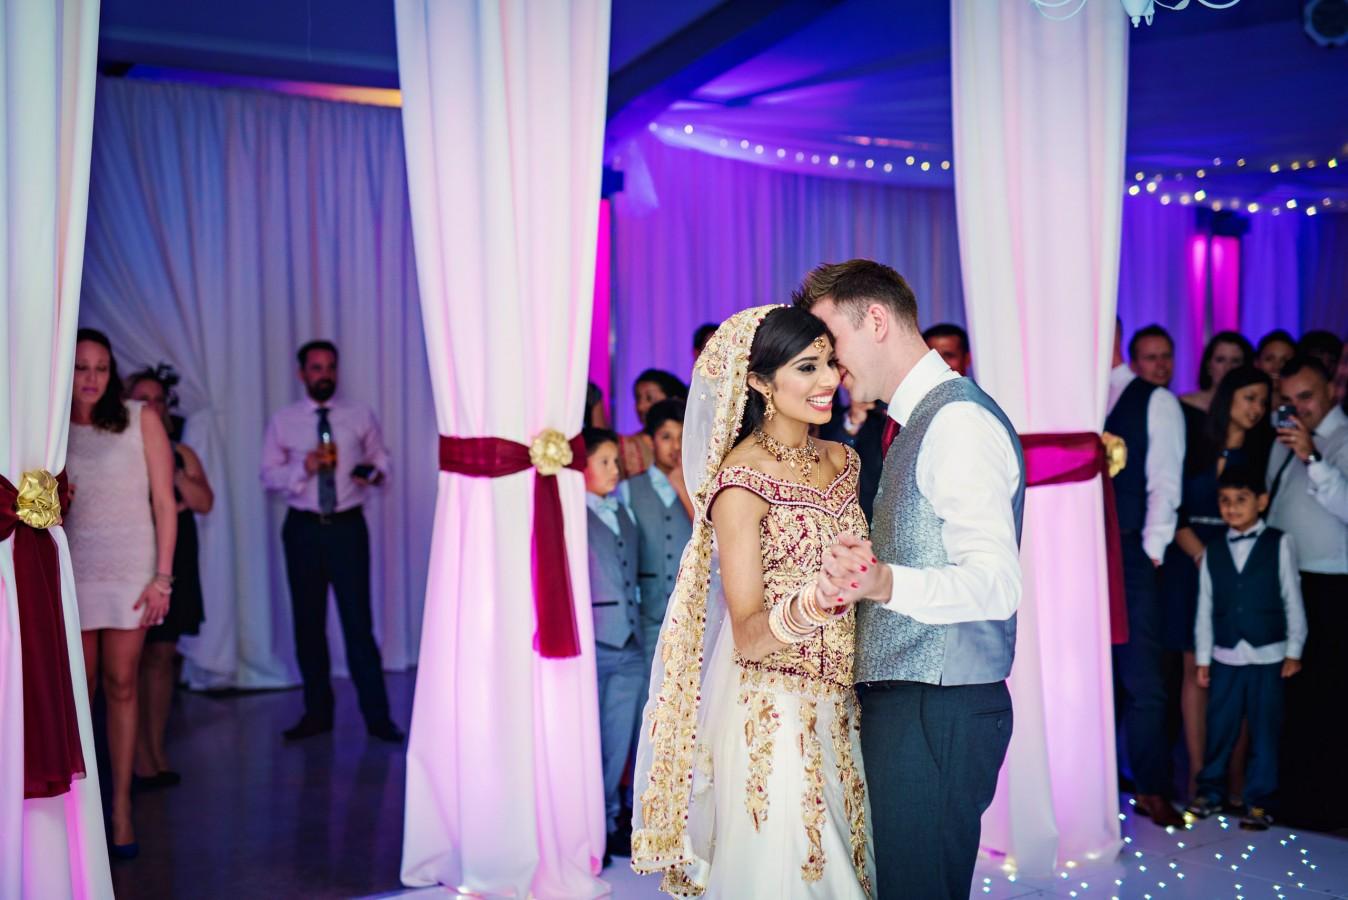 Hampshire Wedding Photographer - GK Photography-223